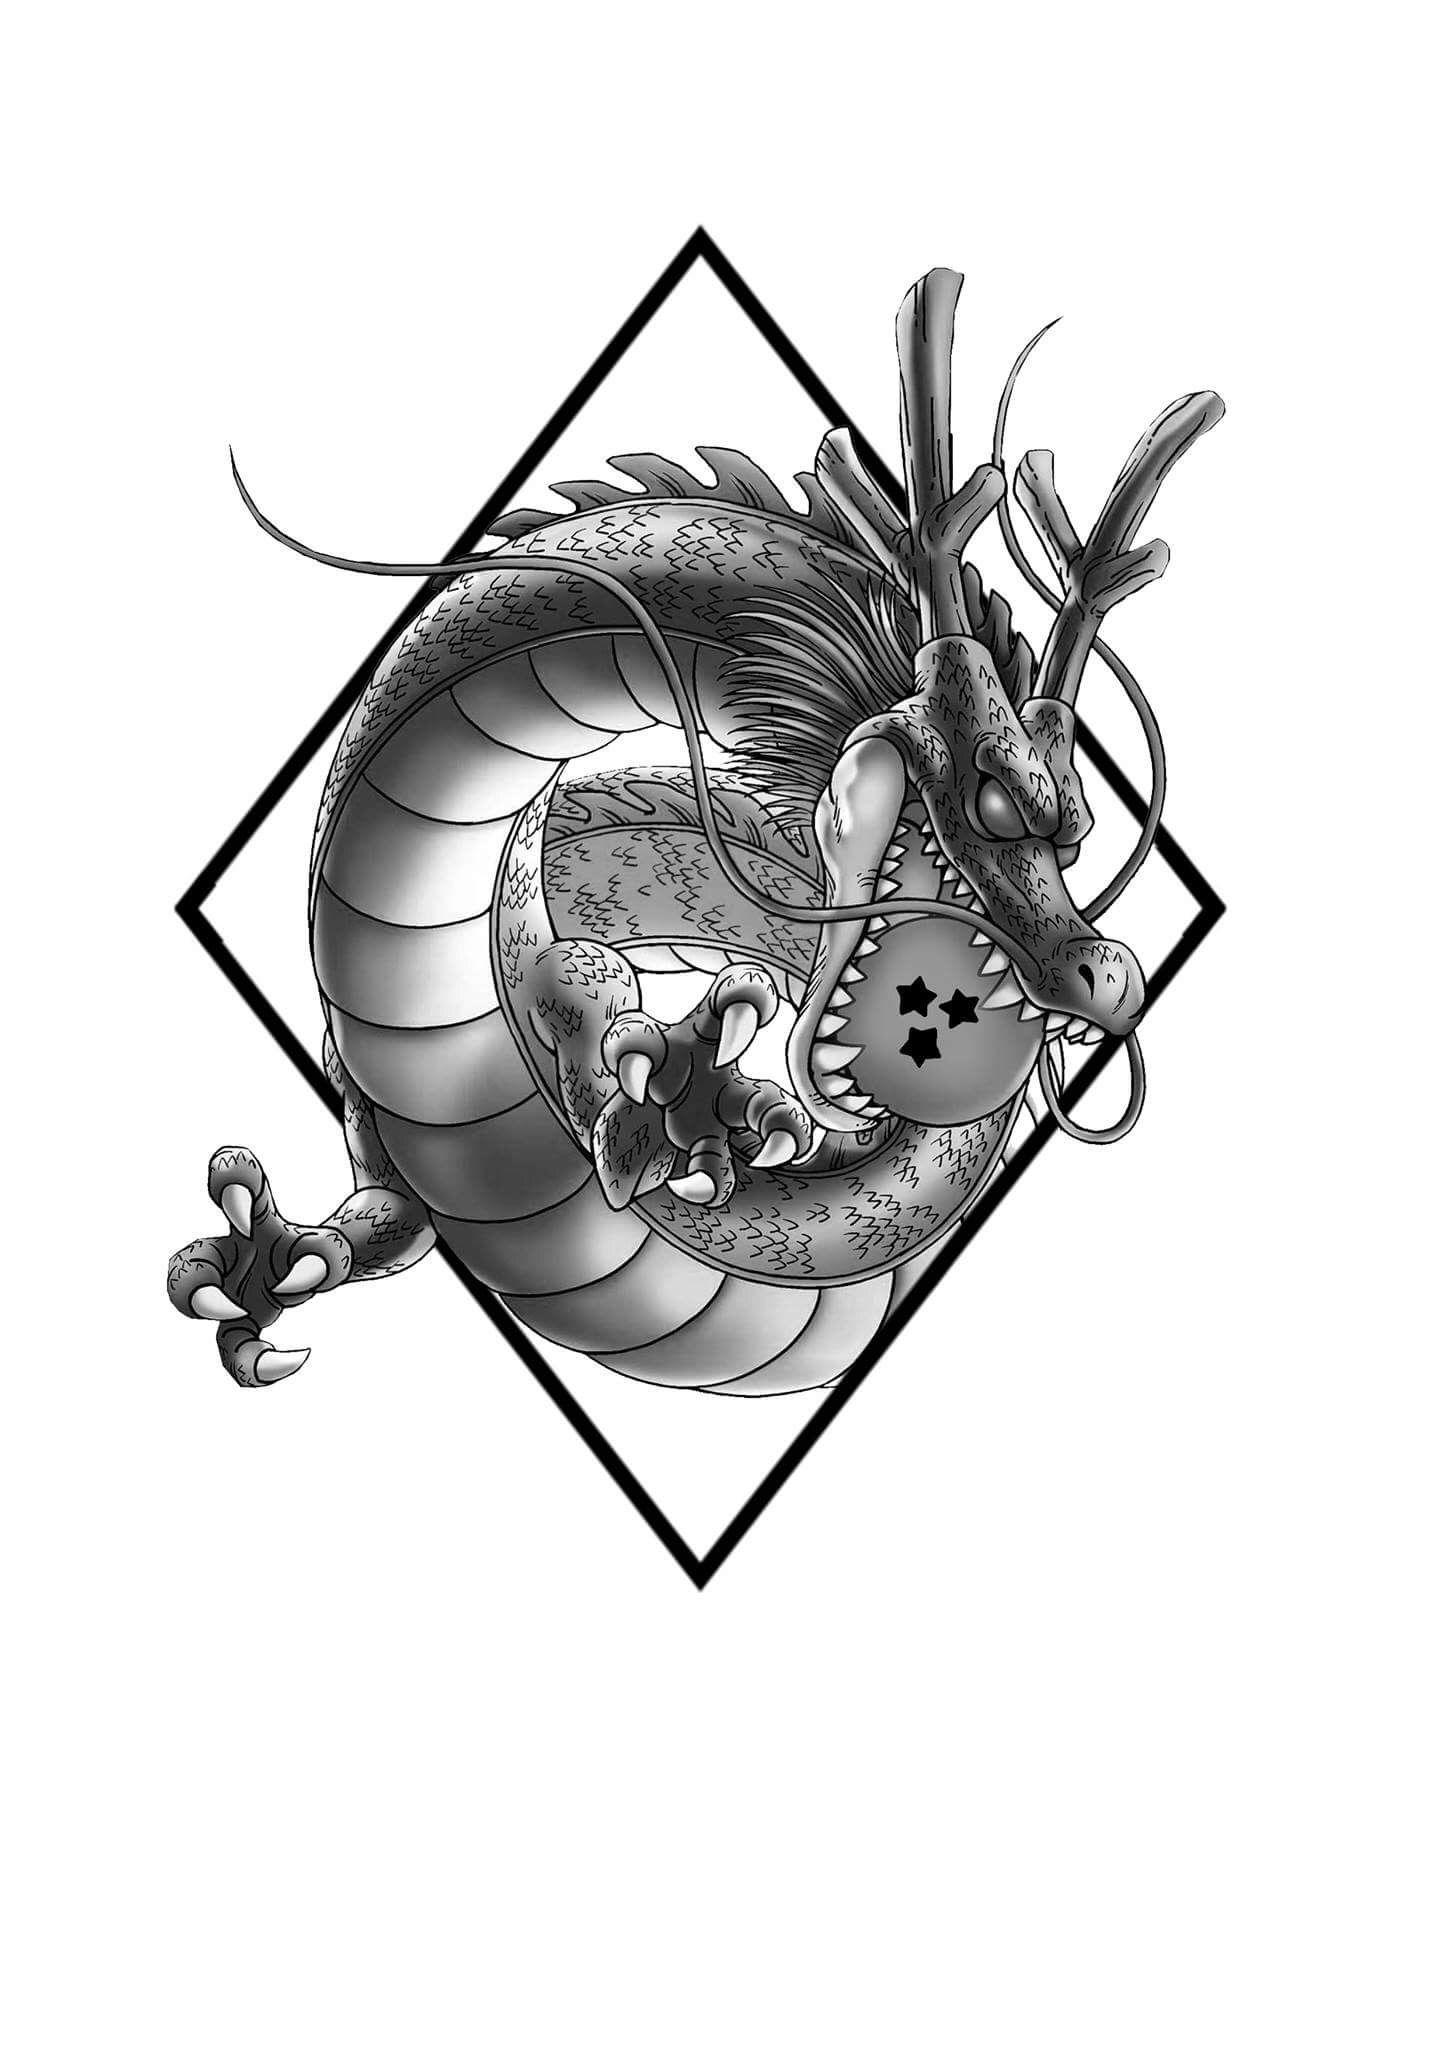 Cabezas De Dragones Para Tatuar shenlong tattoo design | diseños de tatuaje de dragón